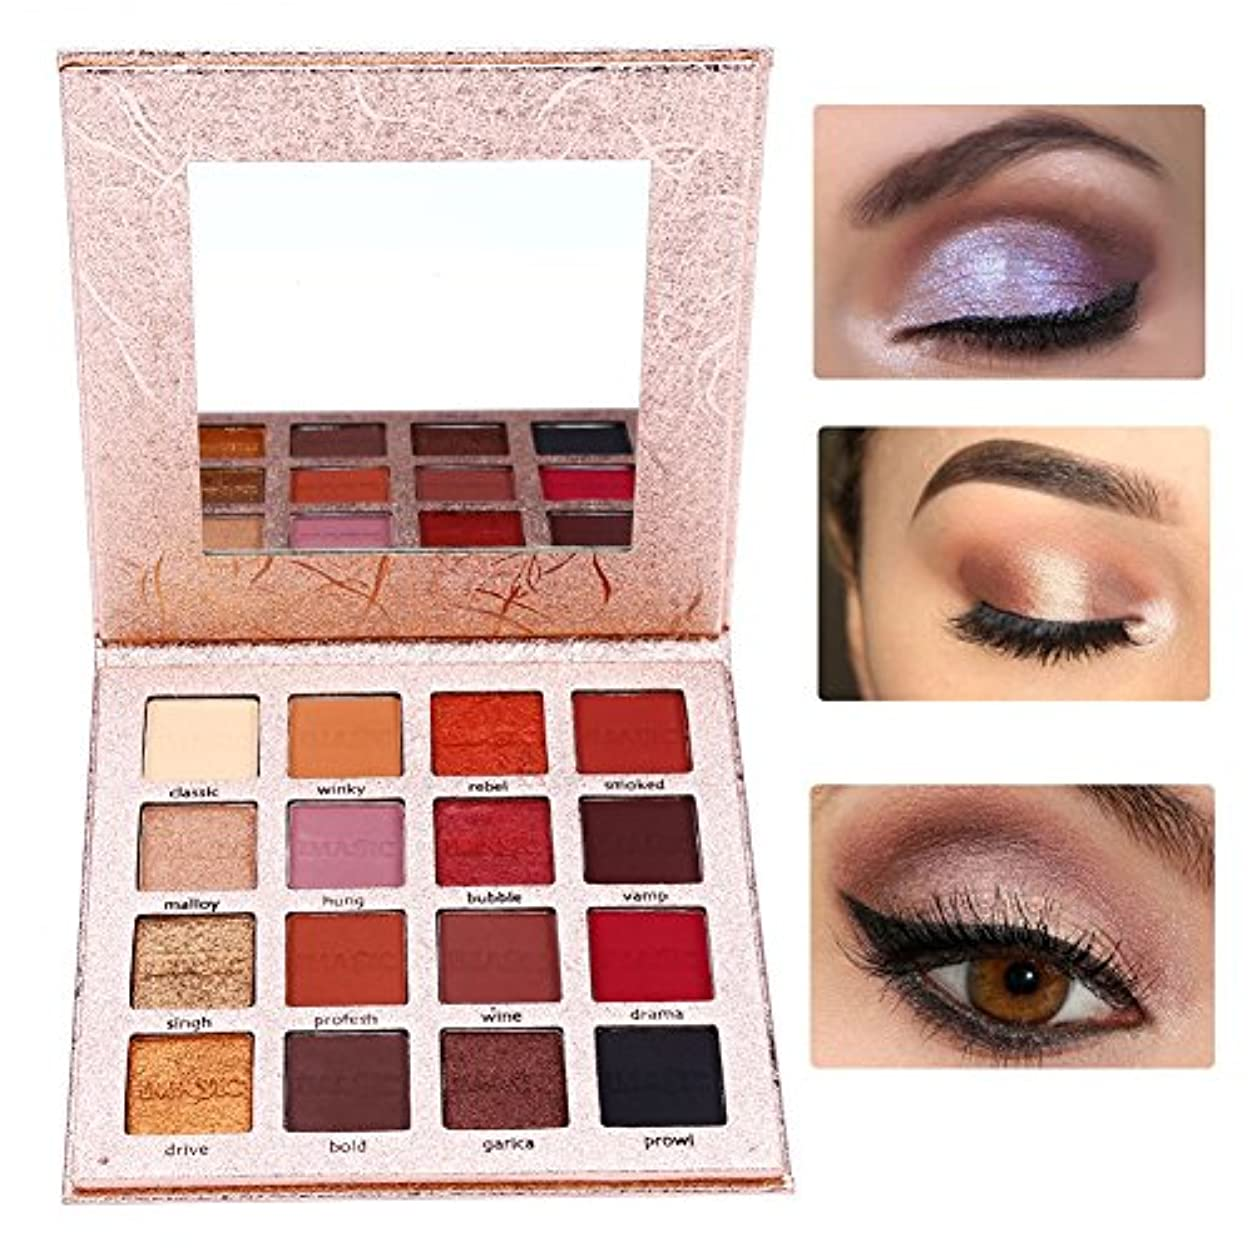 ブレーク予感持続的16色アイシャドウパレット、アイシャドウパレット化粧マットグロスアイシャドウパウダー化粧品ツール